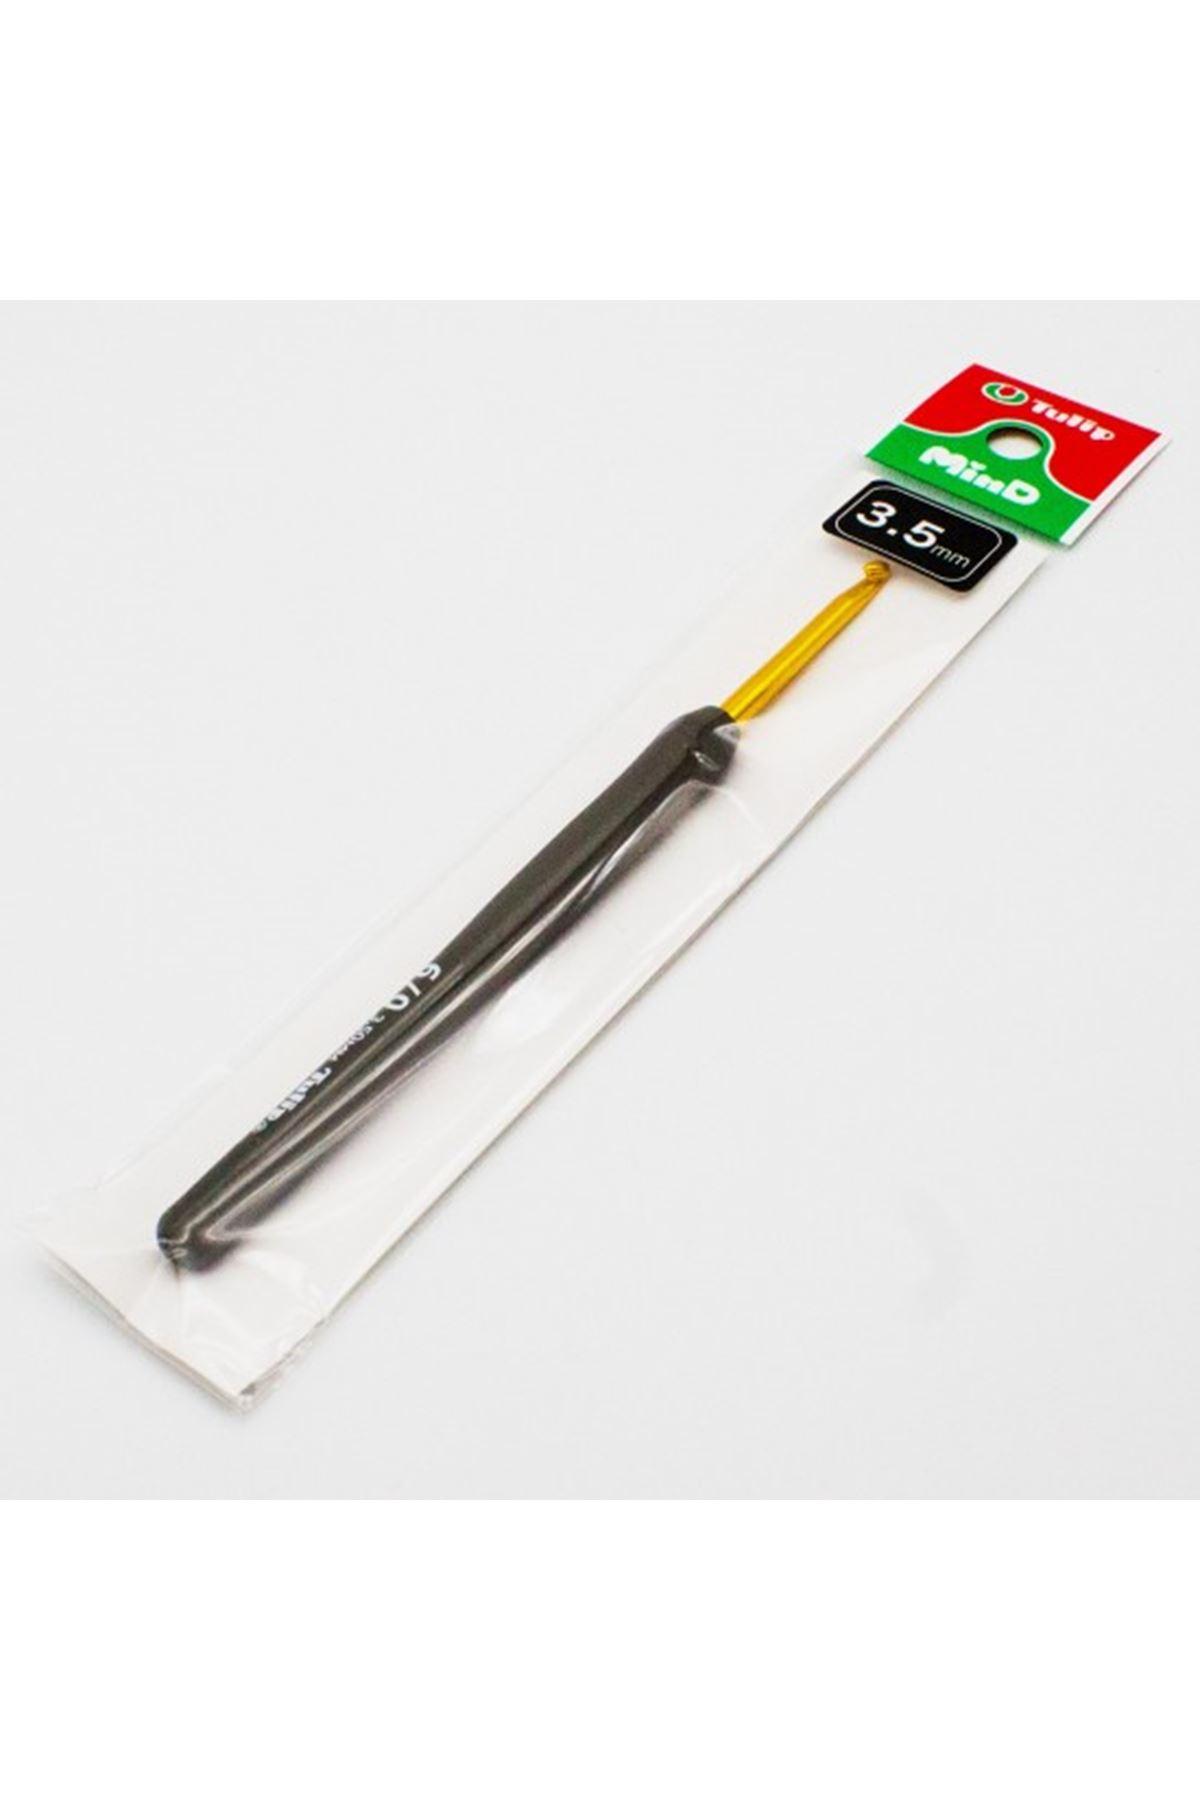 Tulip Örgü Tığı 3,75 mm